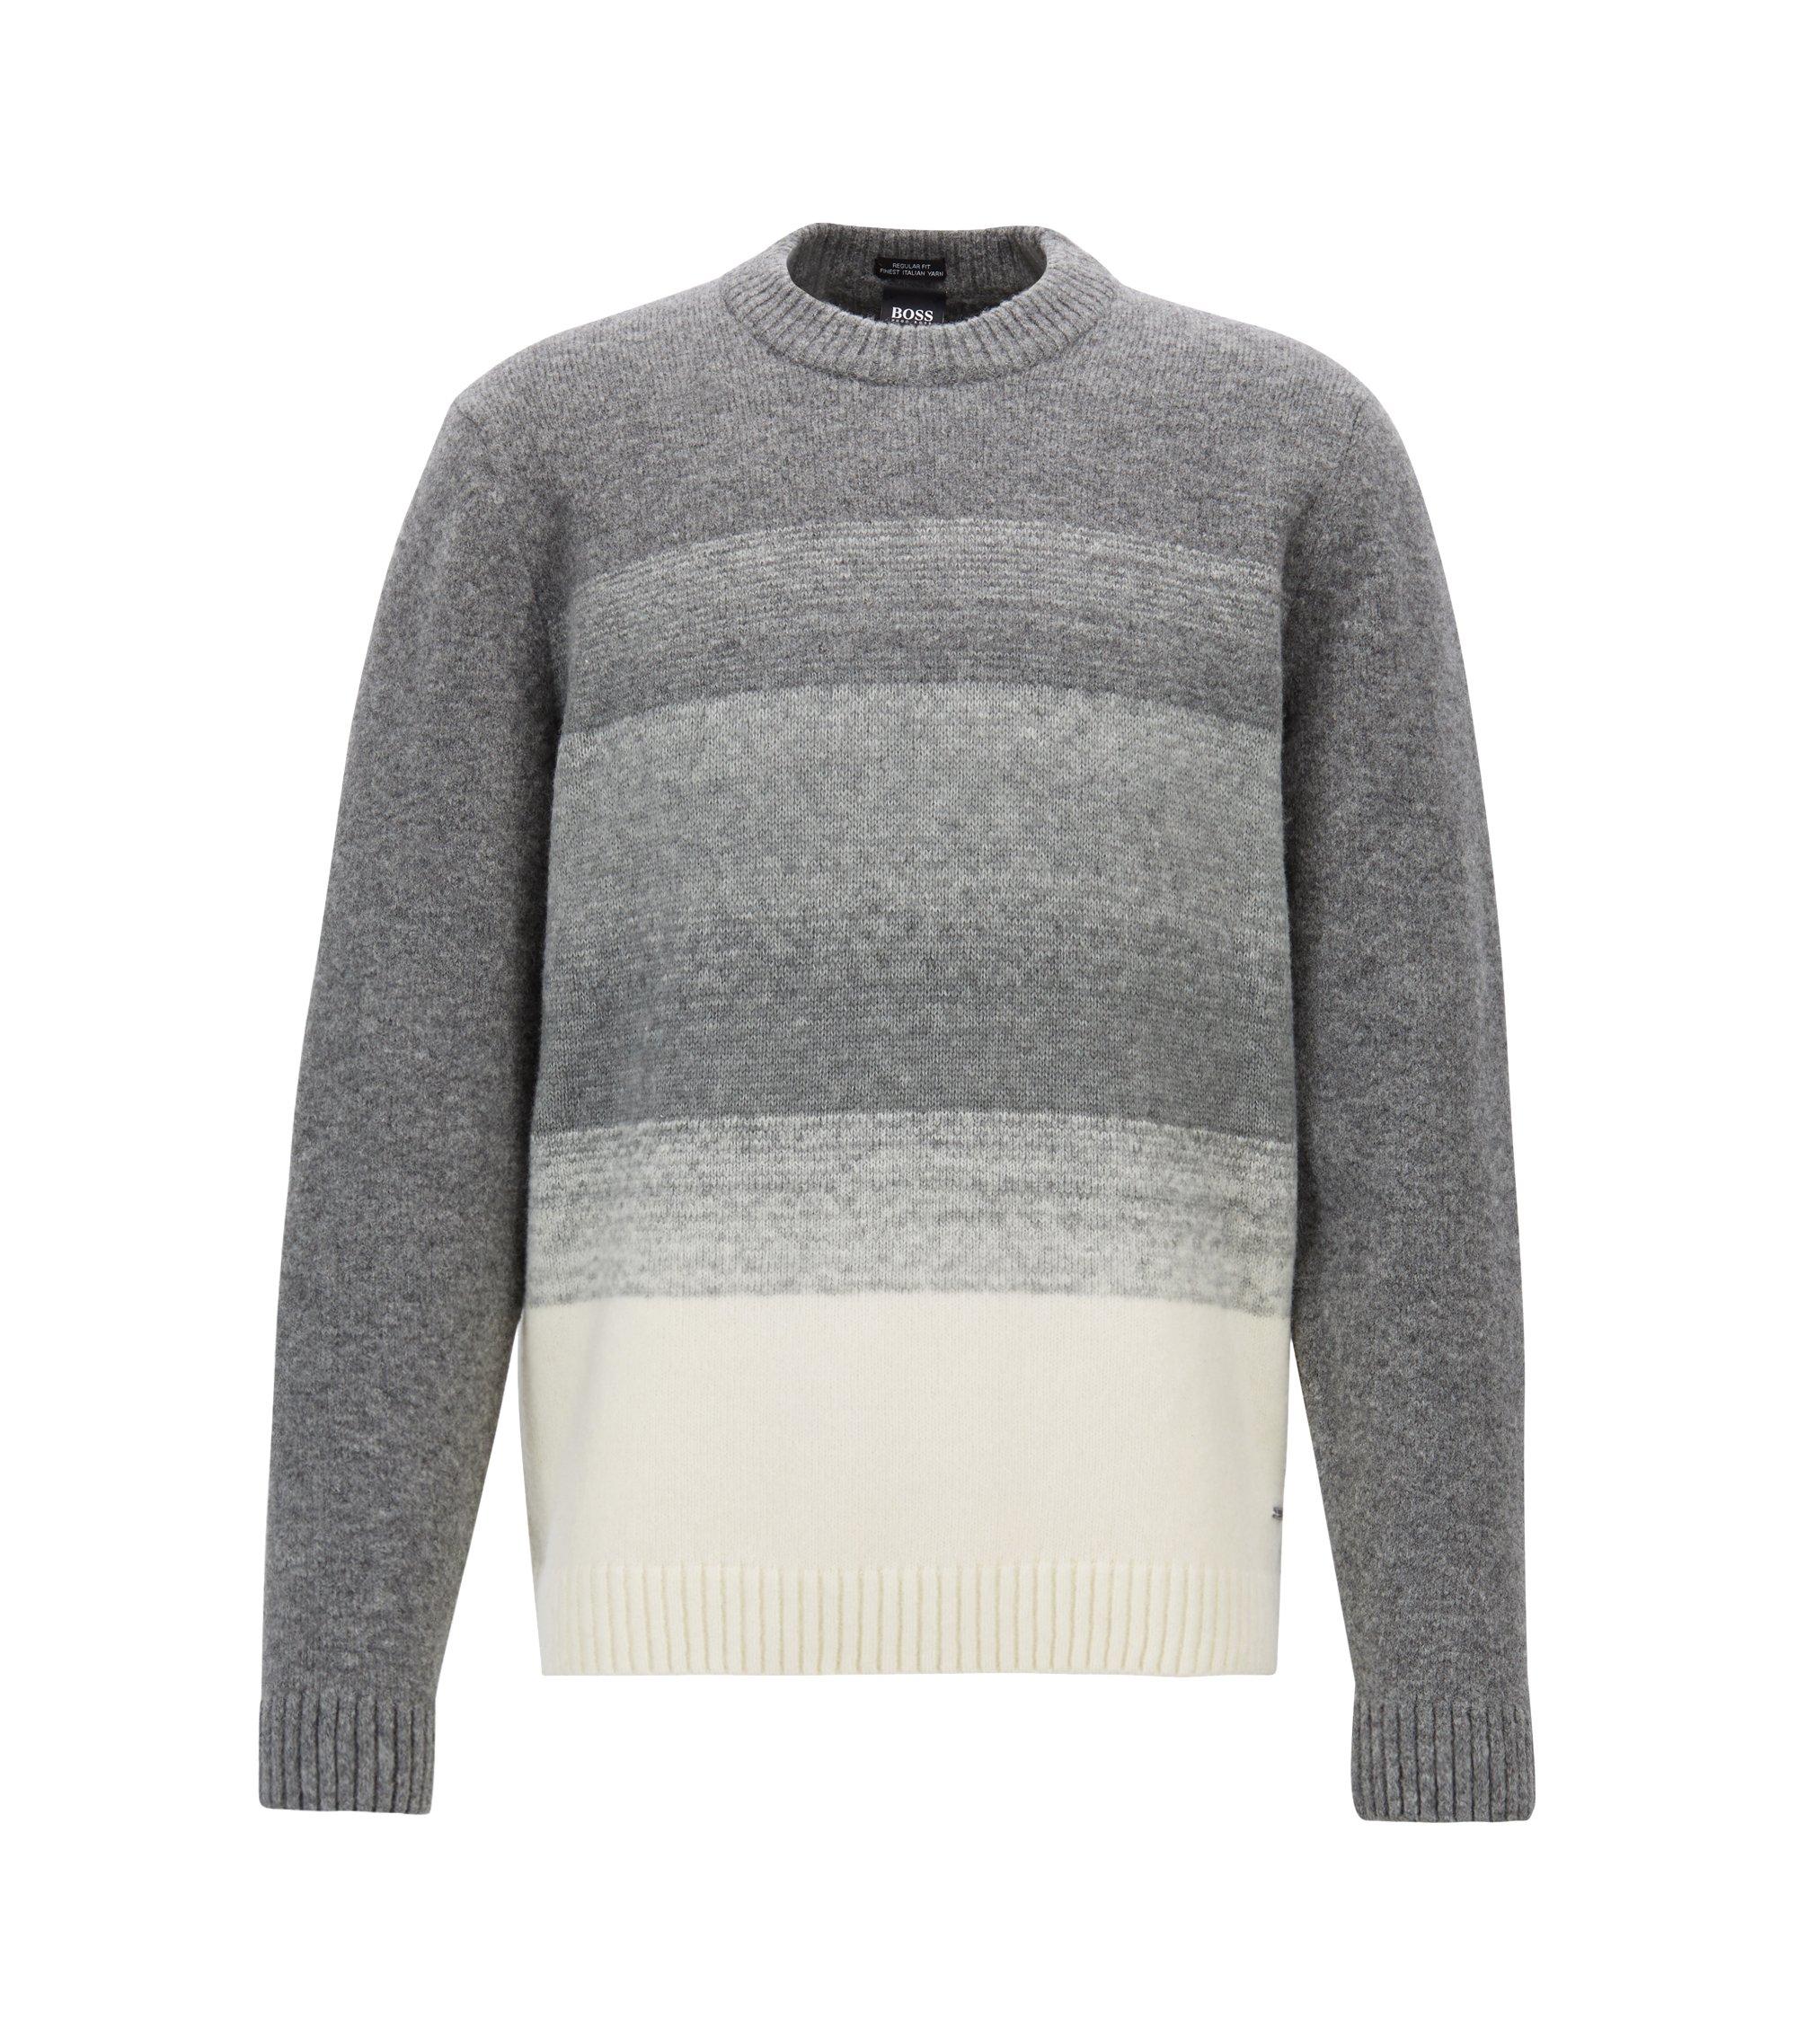 Maglione in misto lana con effetto dégradé, Argento